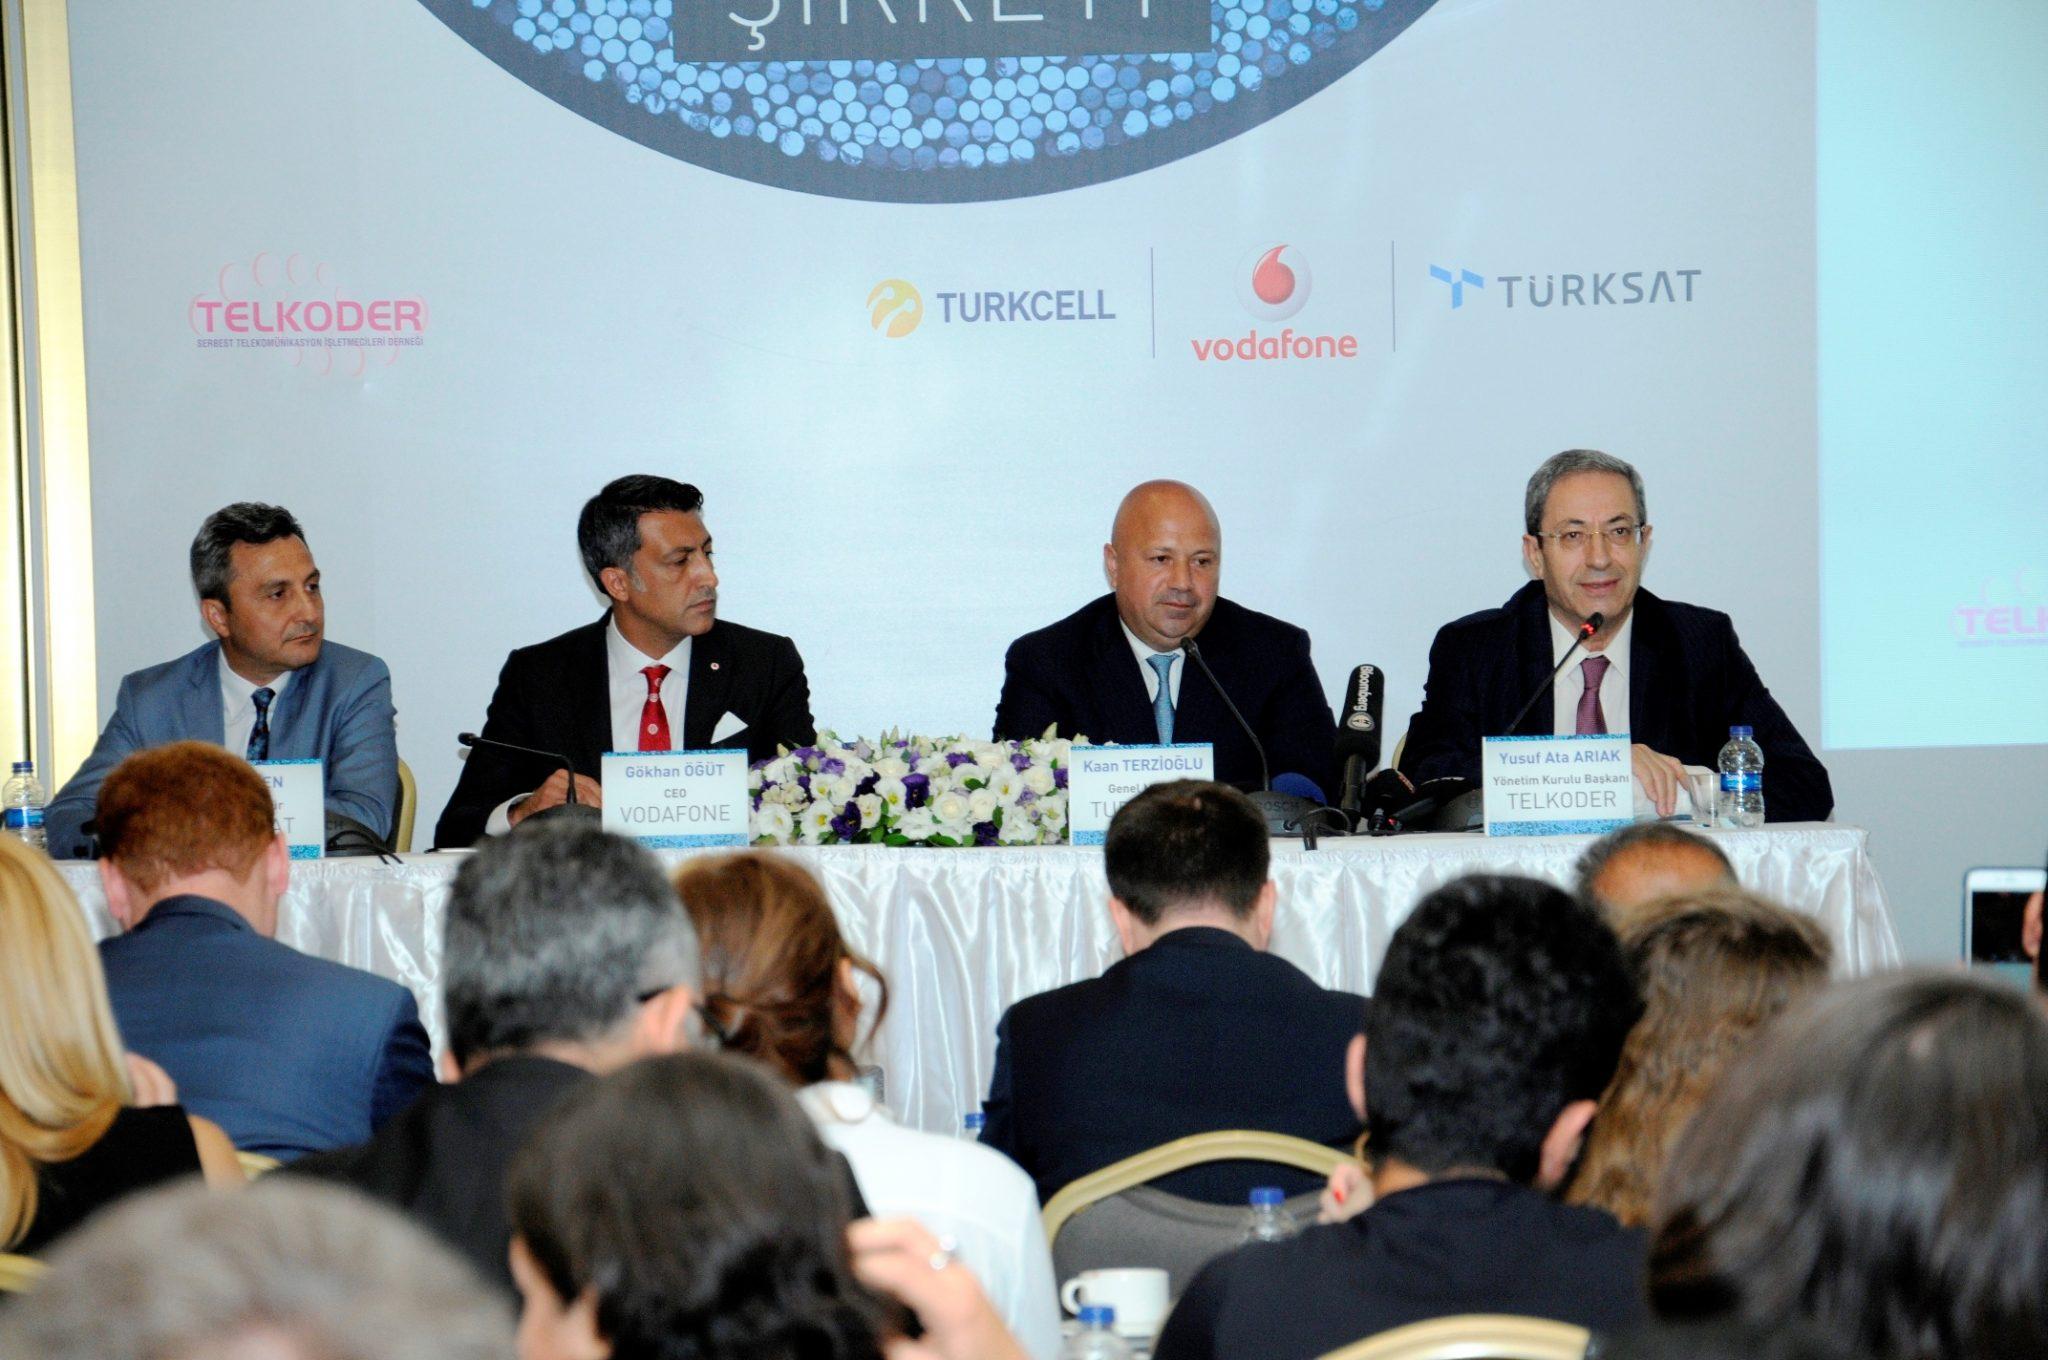 Telkoder Başkanı Arıak: Türk Telekom'un şebeke paylaşımı tasarruf sağlayacak 98